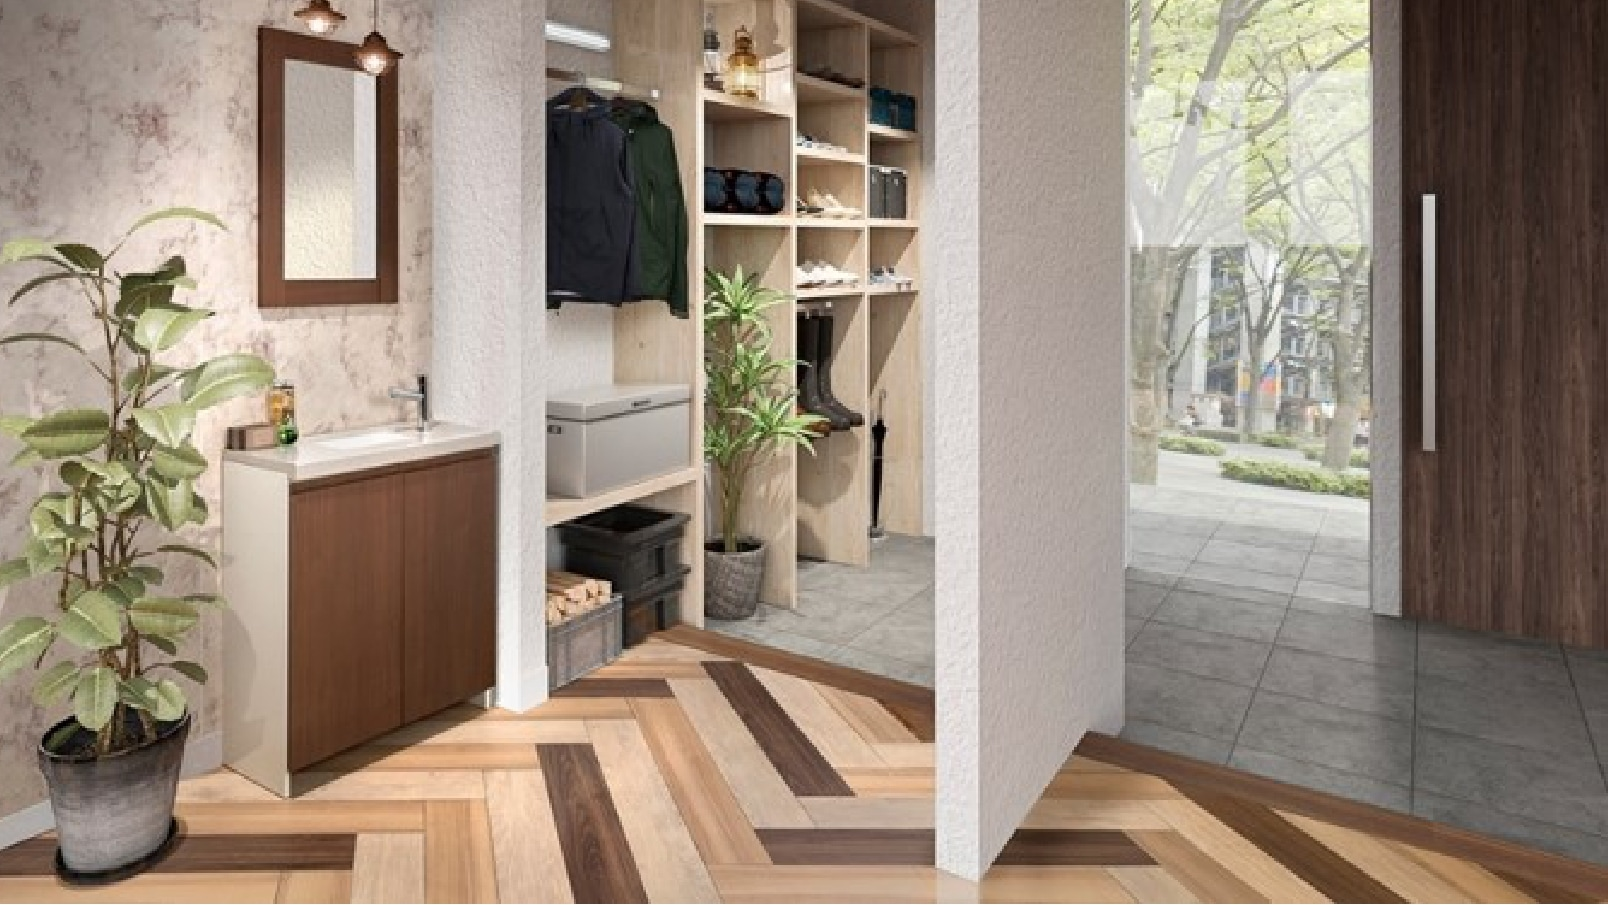 イメージ画像:玄関廻りに洗面台を設置した例